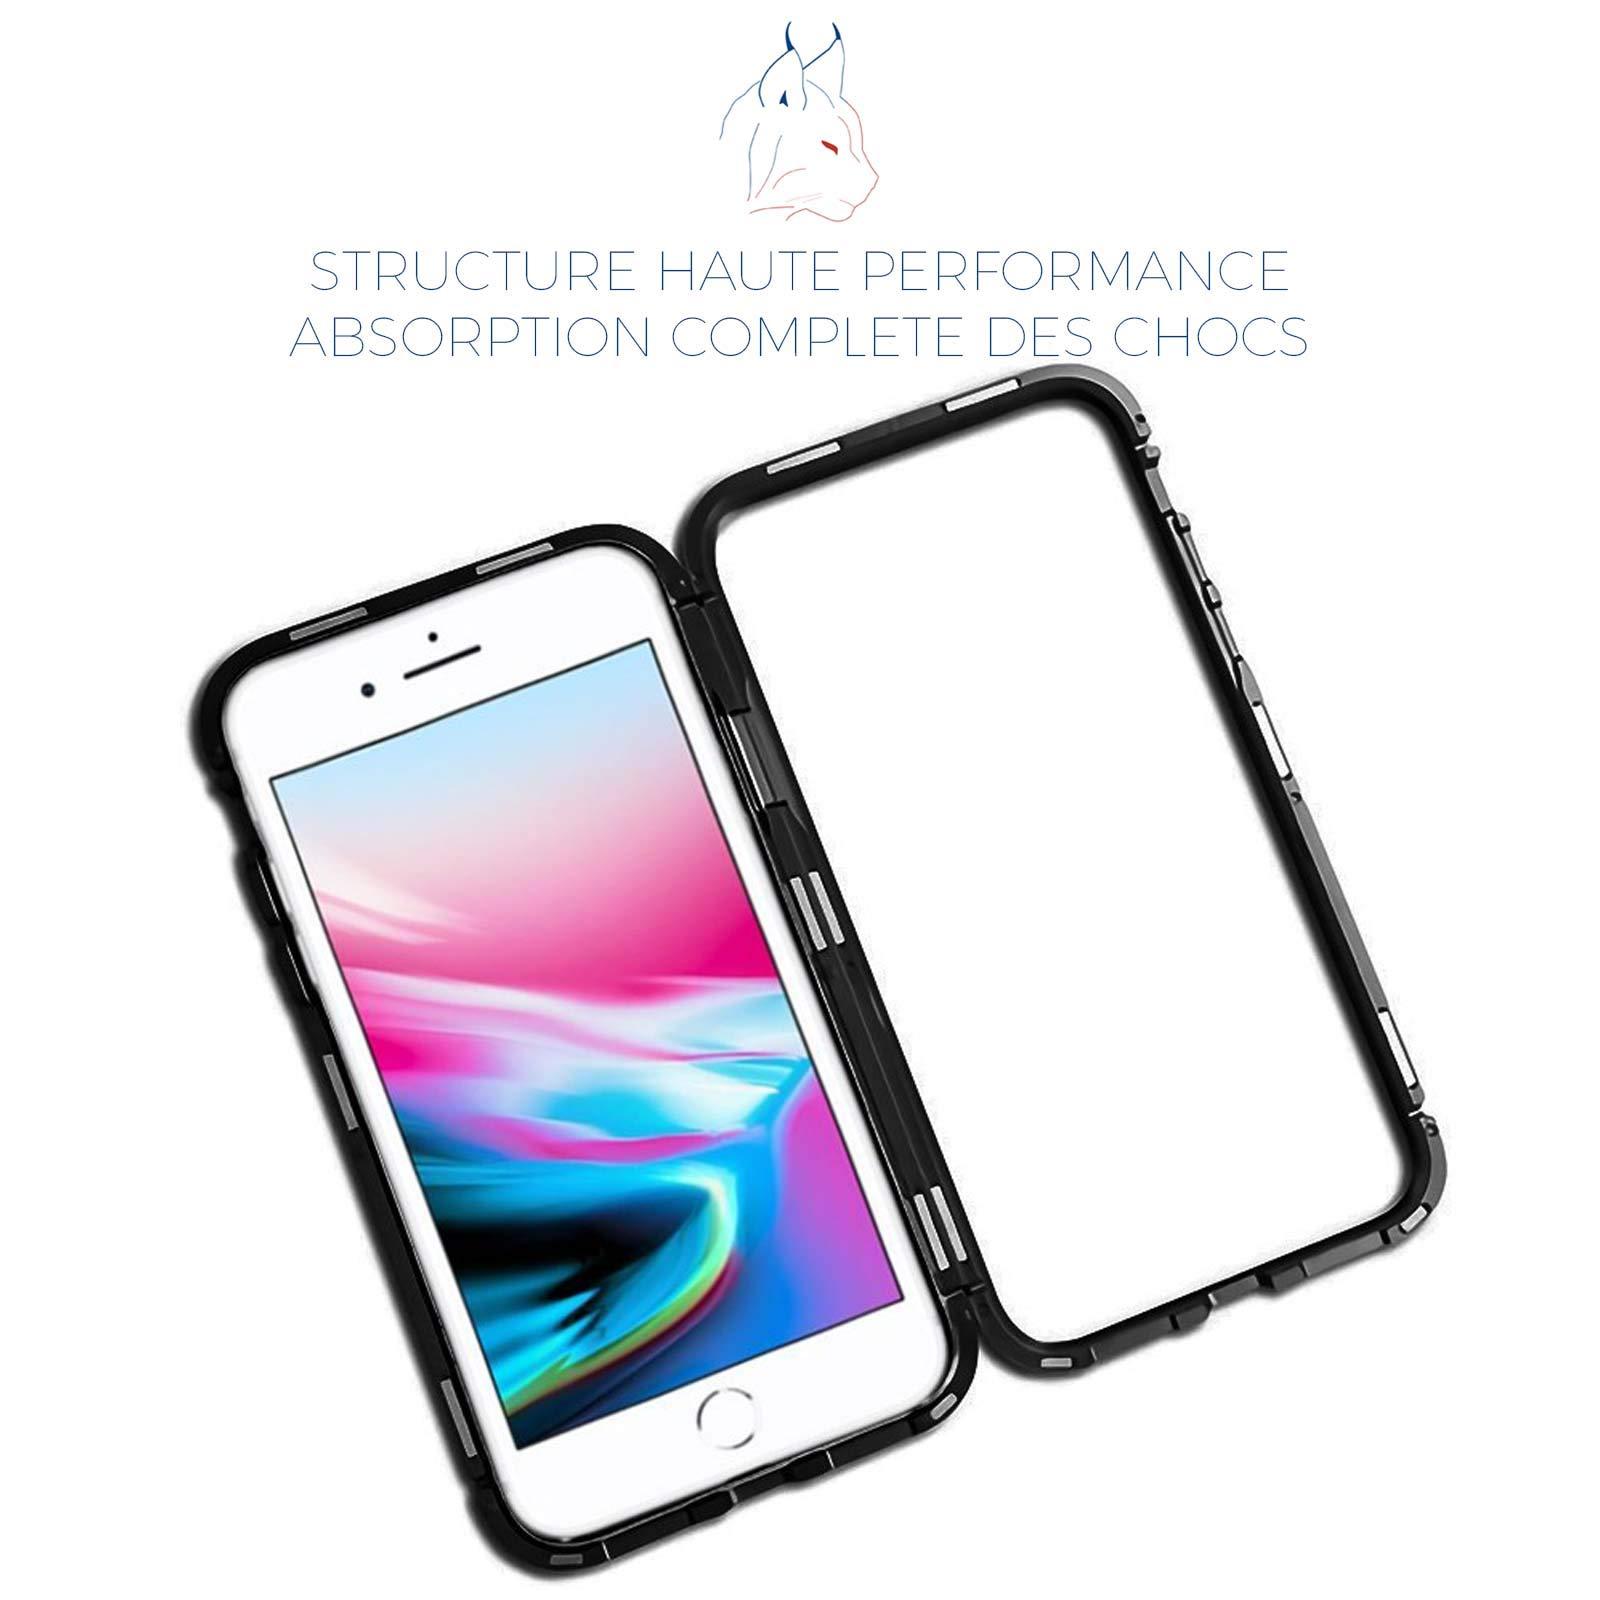 LINCIVIUS  Coque Integrale Compatible avec Apple iPhone 8, Coque de Protection 2 en 1 Aluminium et Verre Trempe Avant Et Arrière Contour Bumper Rigide pour Apple iPhone 8, Noir